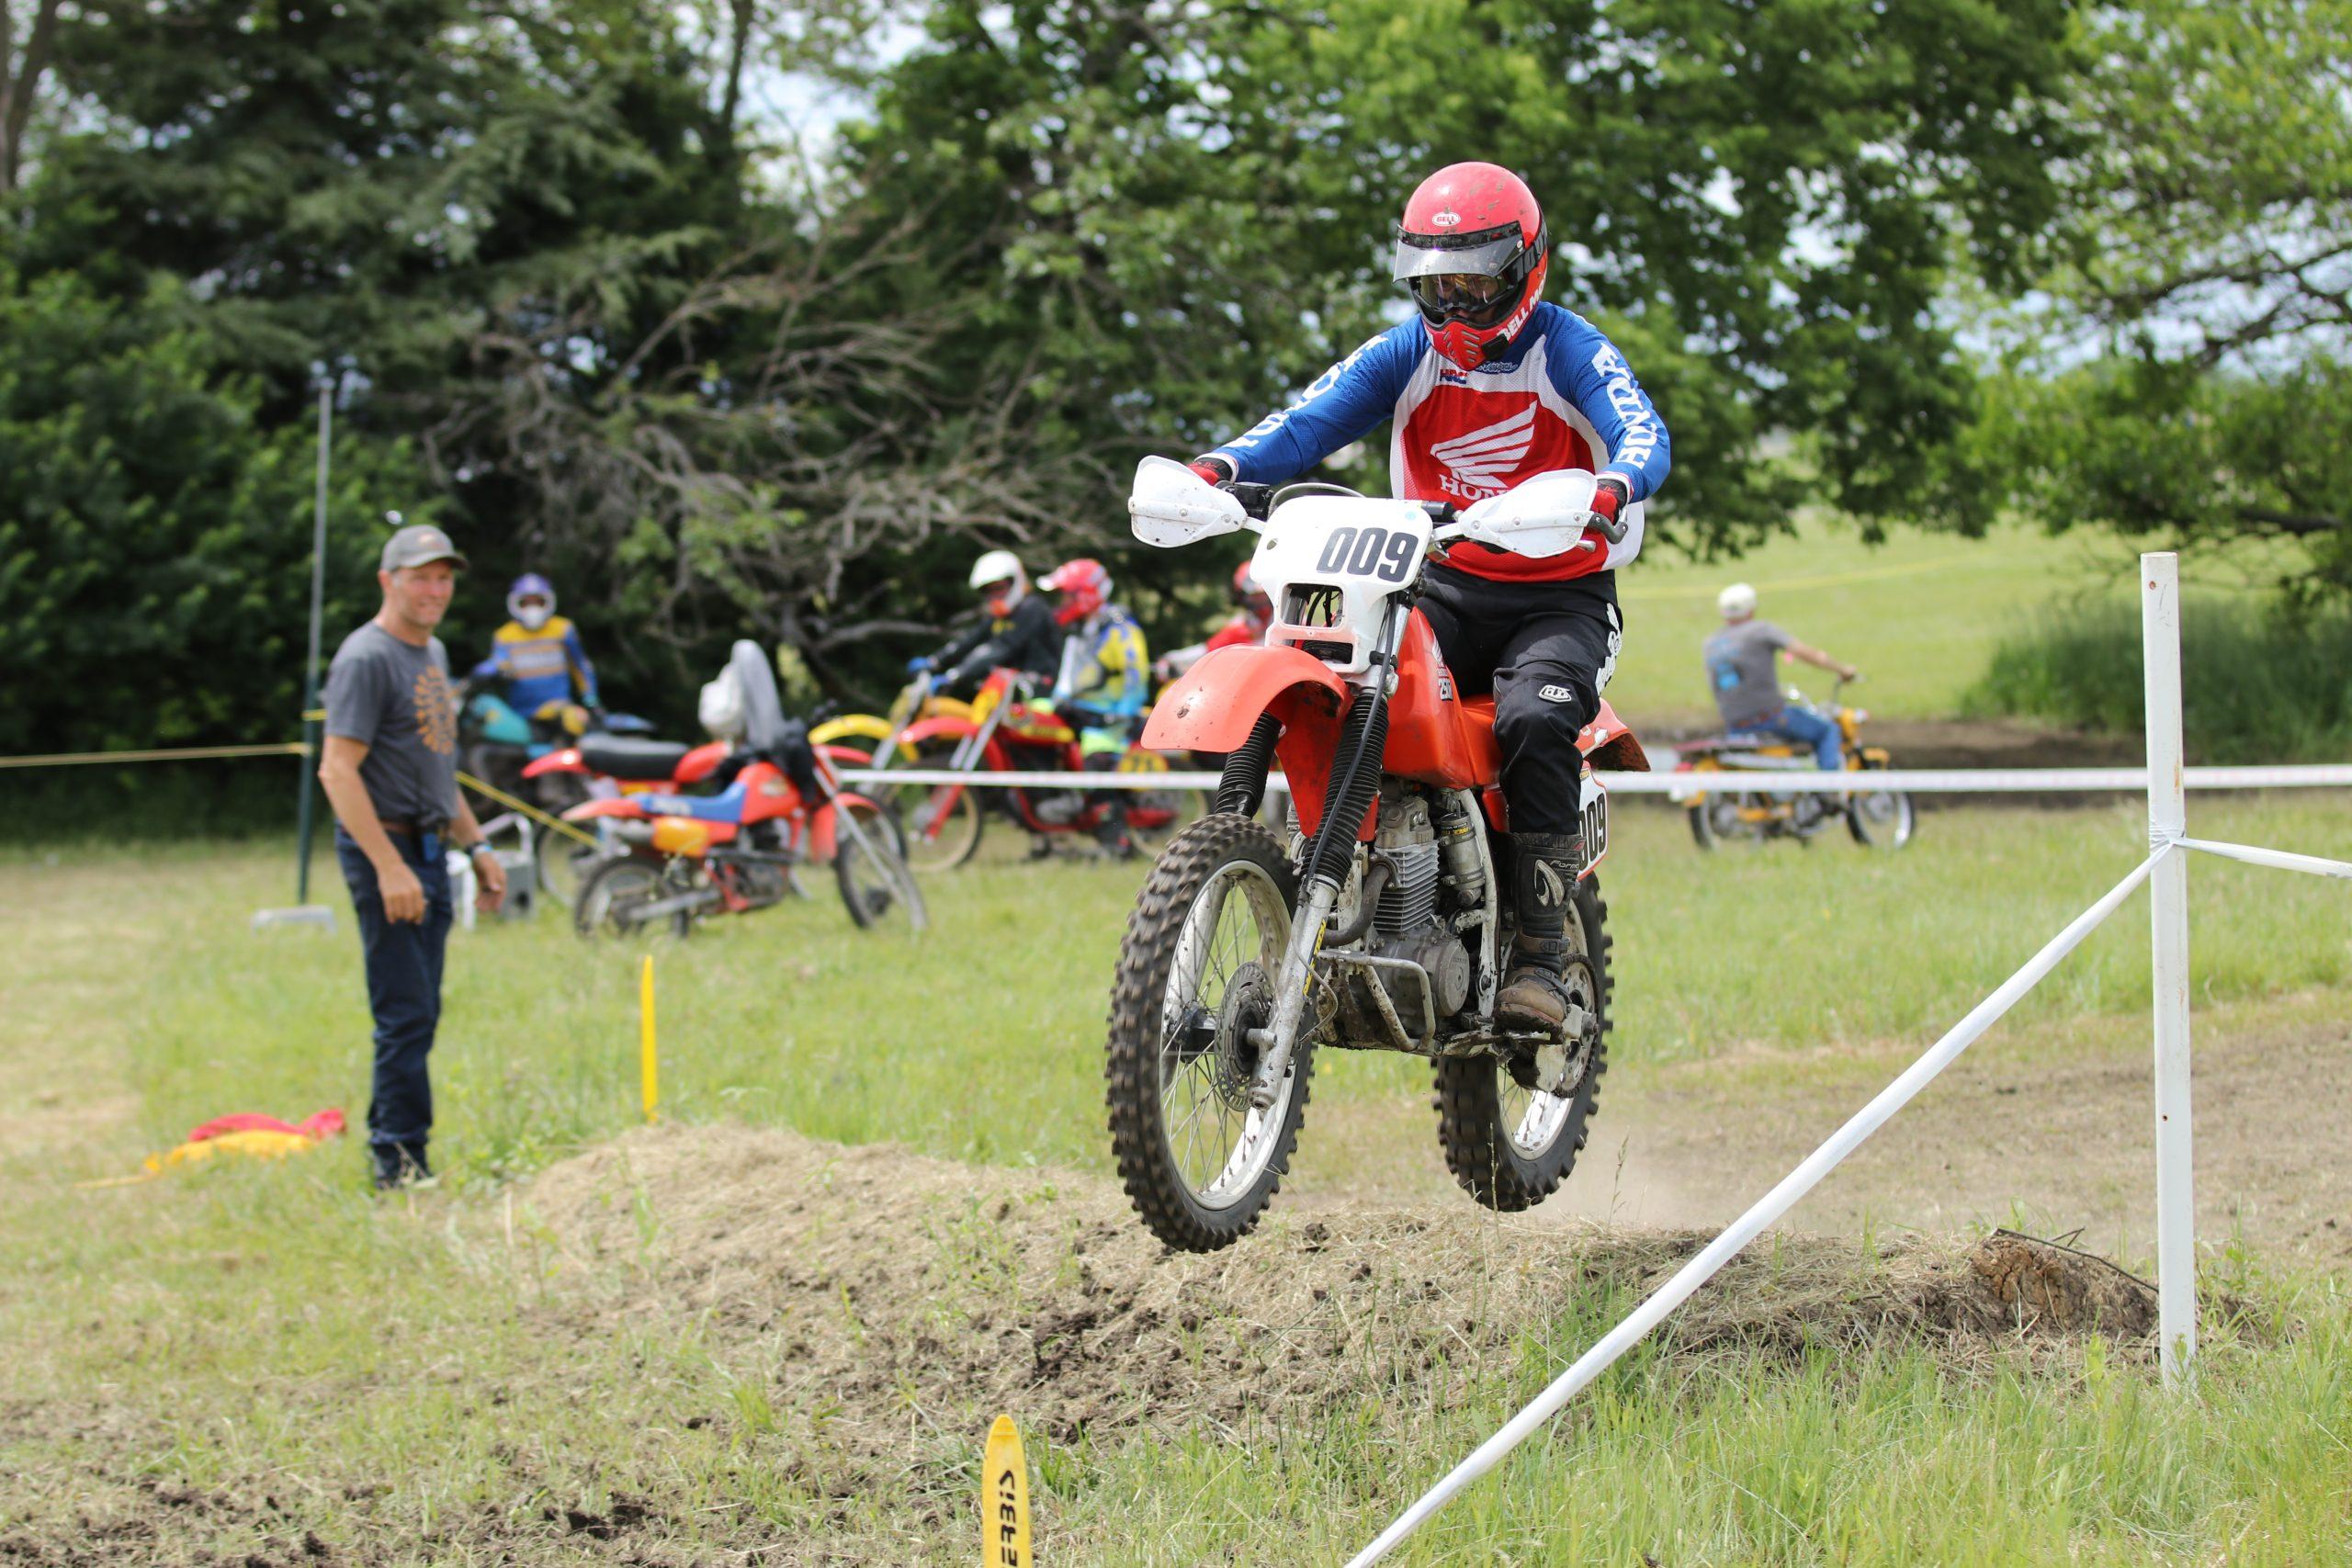 heartland motofest Kyle Smith small jump 2